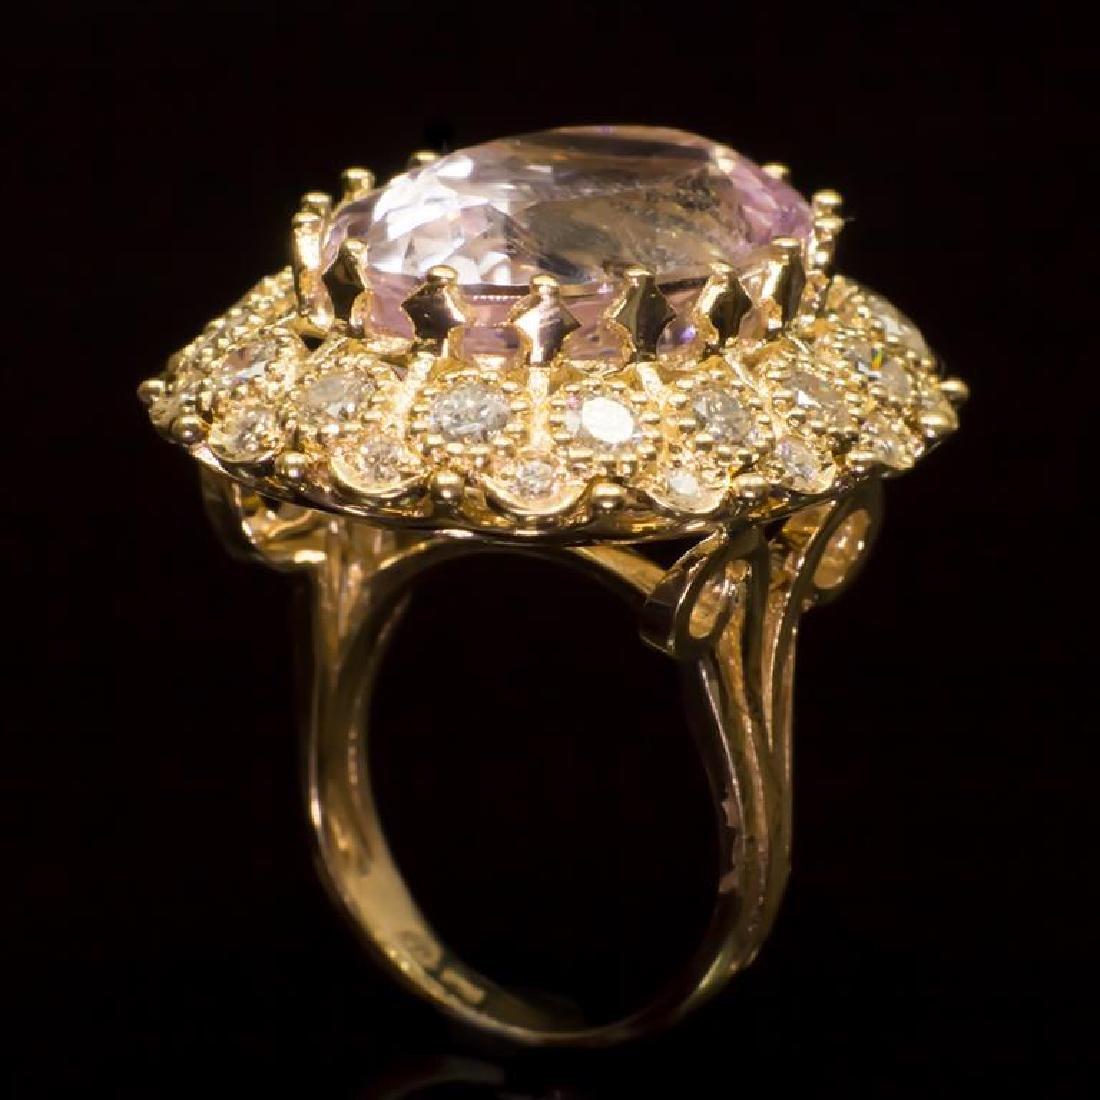 14K Gold 22.06ct Kunzite 2.47ct Diamond Ring - 3